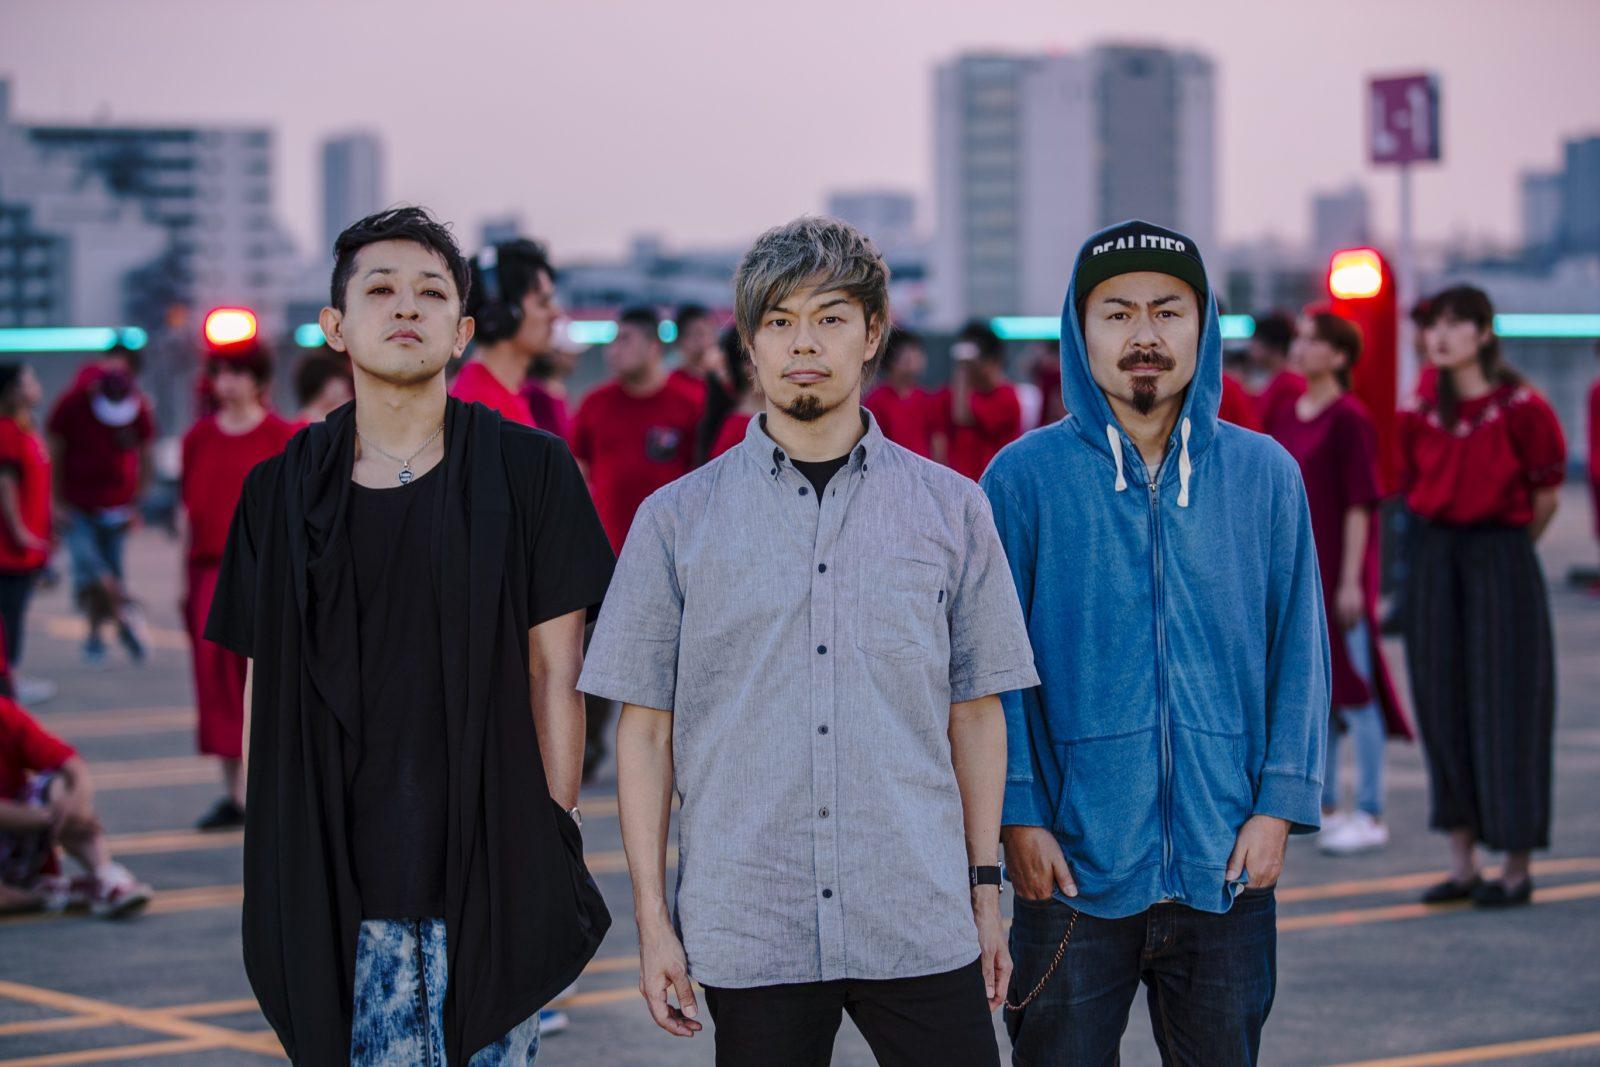 フジテレビ系「Love music」にて、10-FEET&京都大作戦特集の独占オンエアが決定サムネイル画像